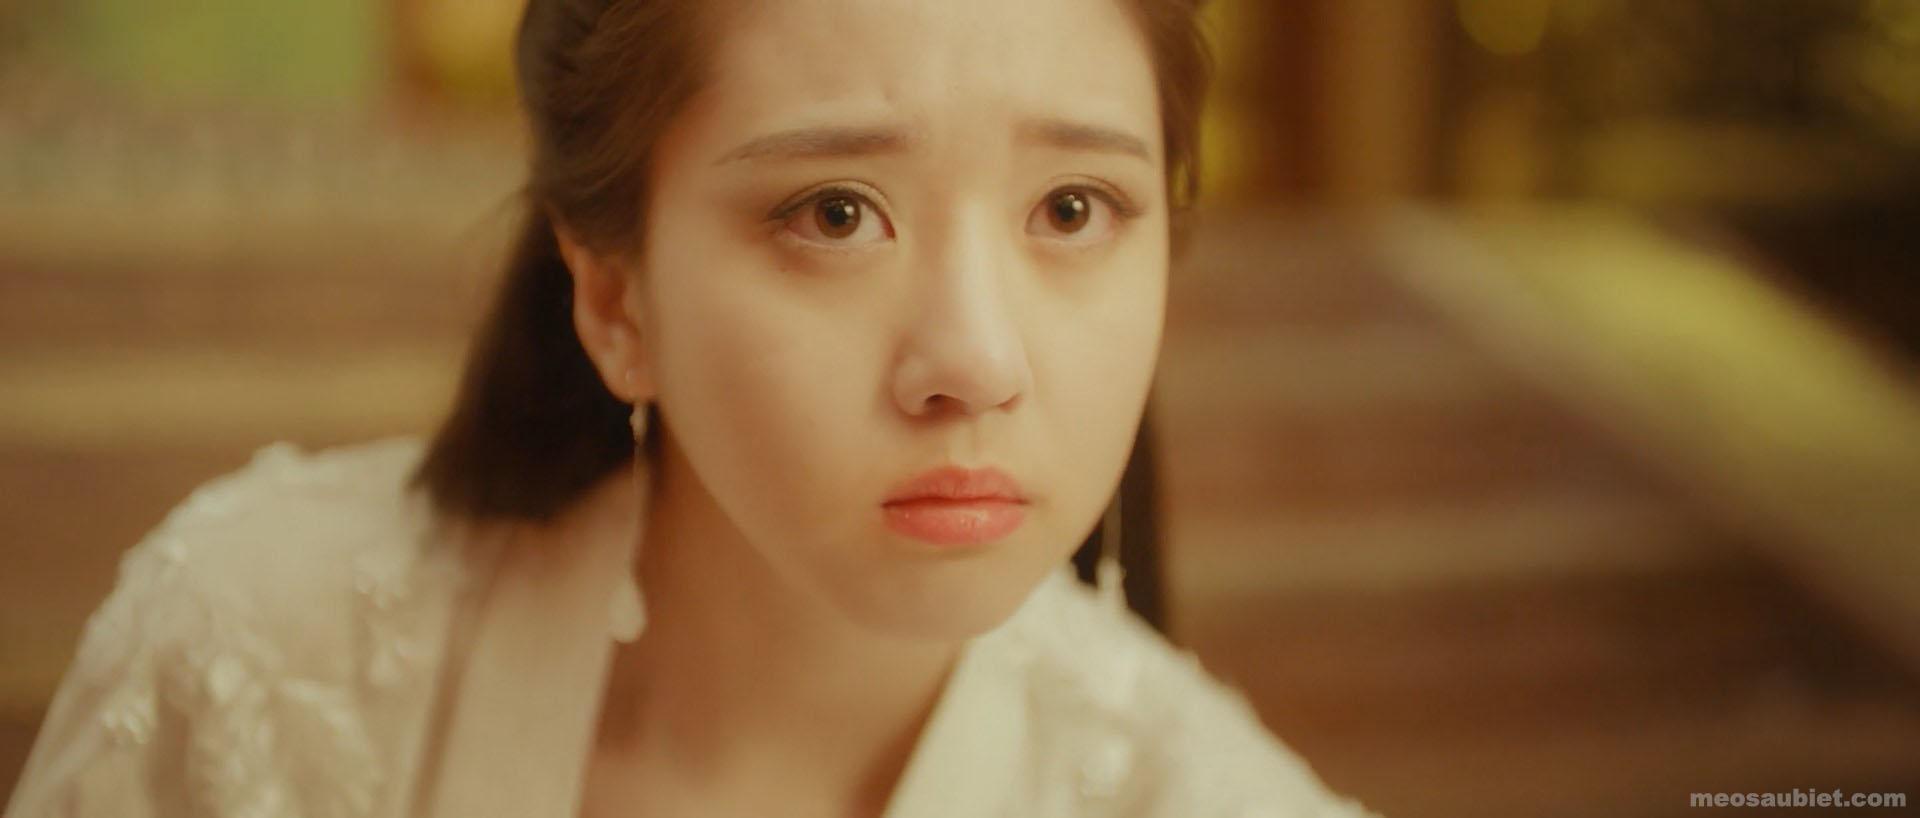 Thiện nữ u hồn : tình nhân gian 2020 Lý Khải Hinh trong vai Nhiếp Tiểu Thiến